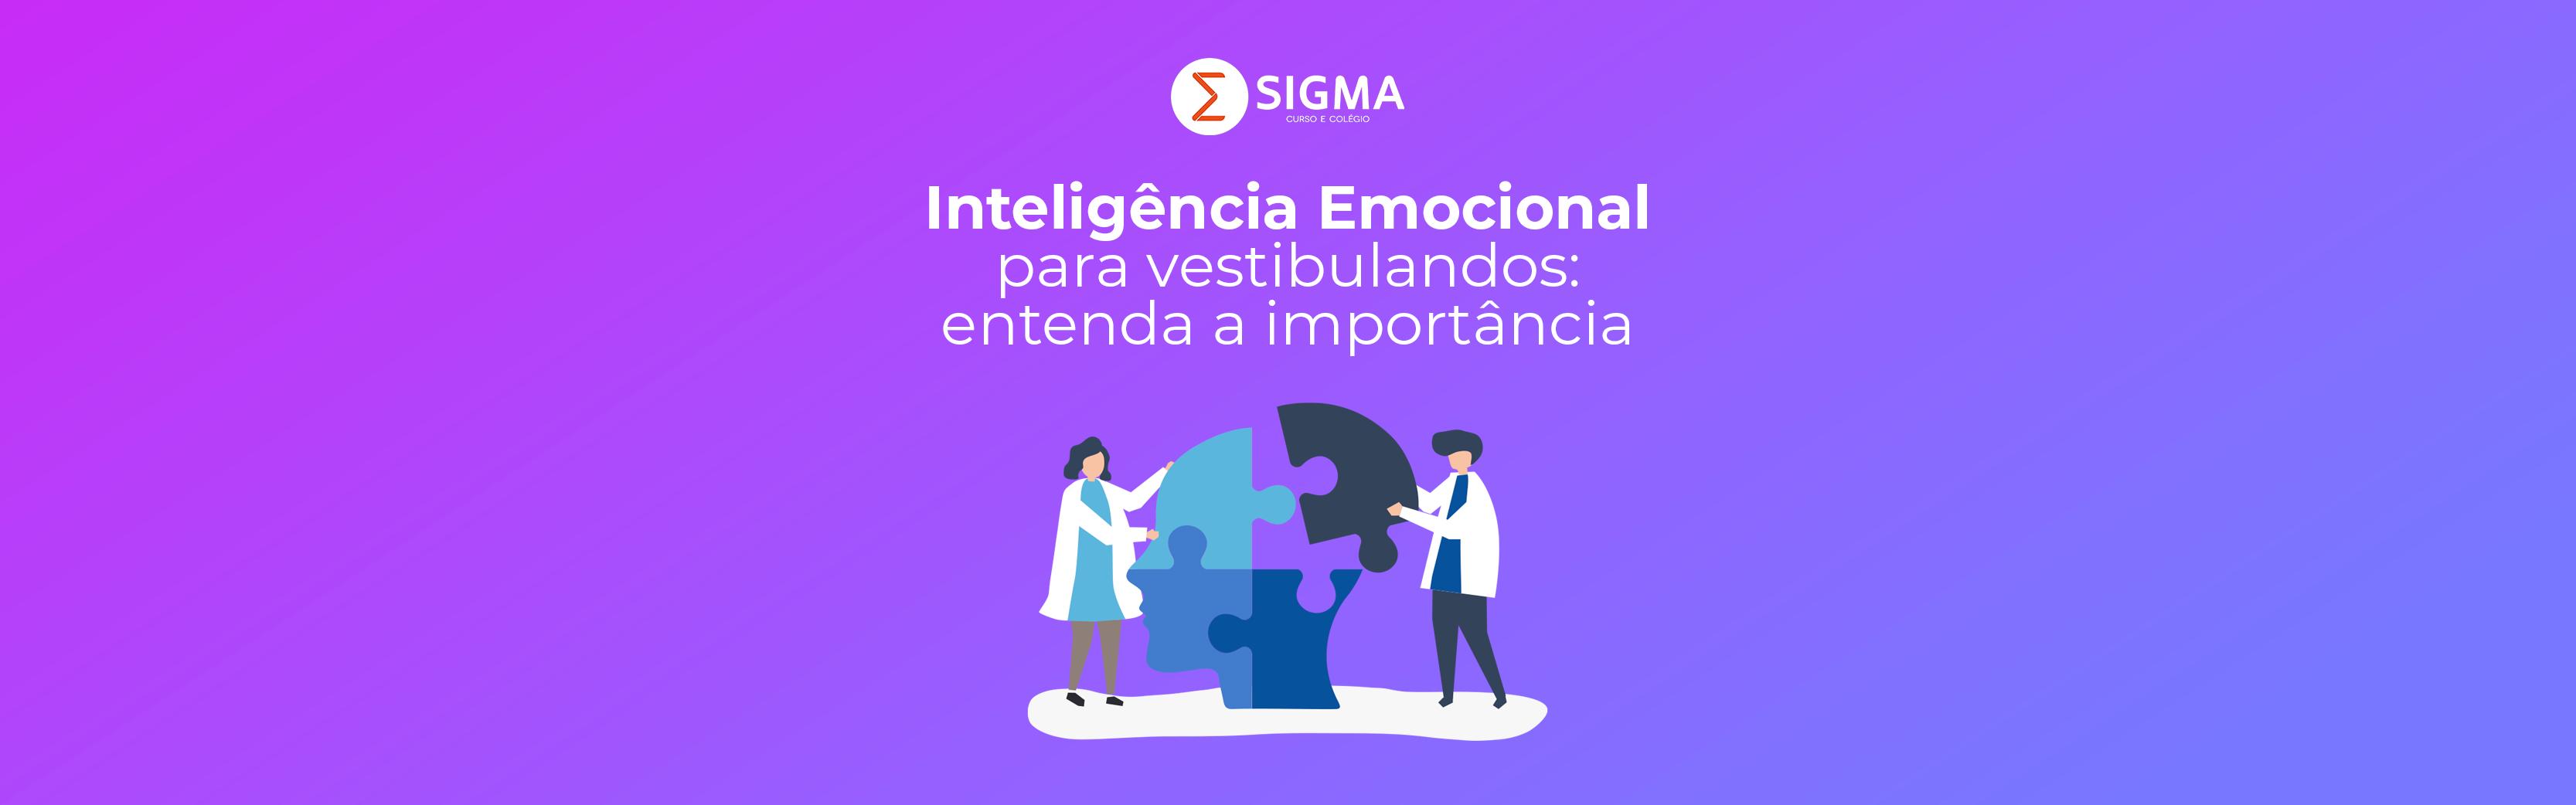 Inteligência Emocional para vestibulandos: entenda a importância